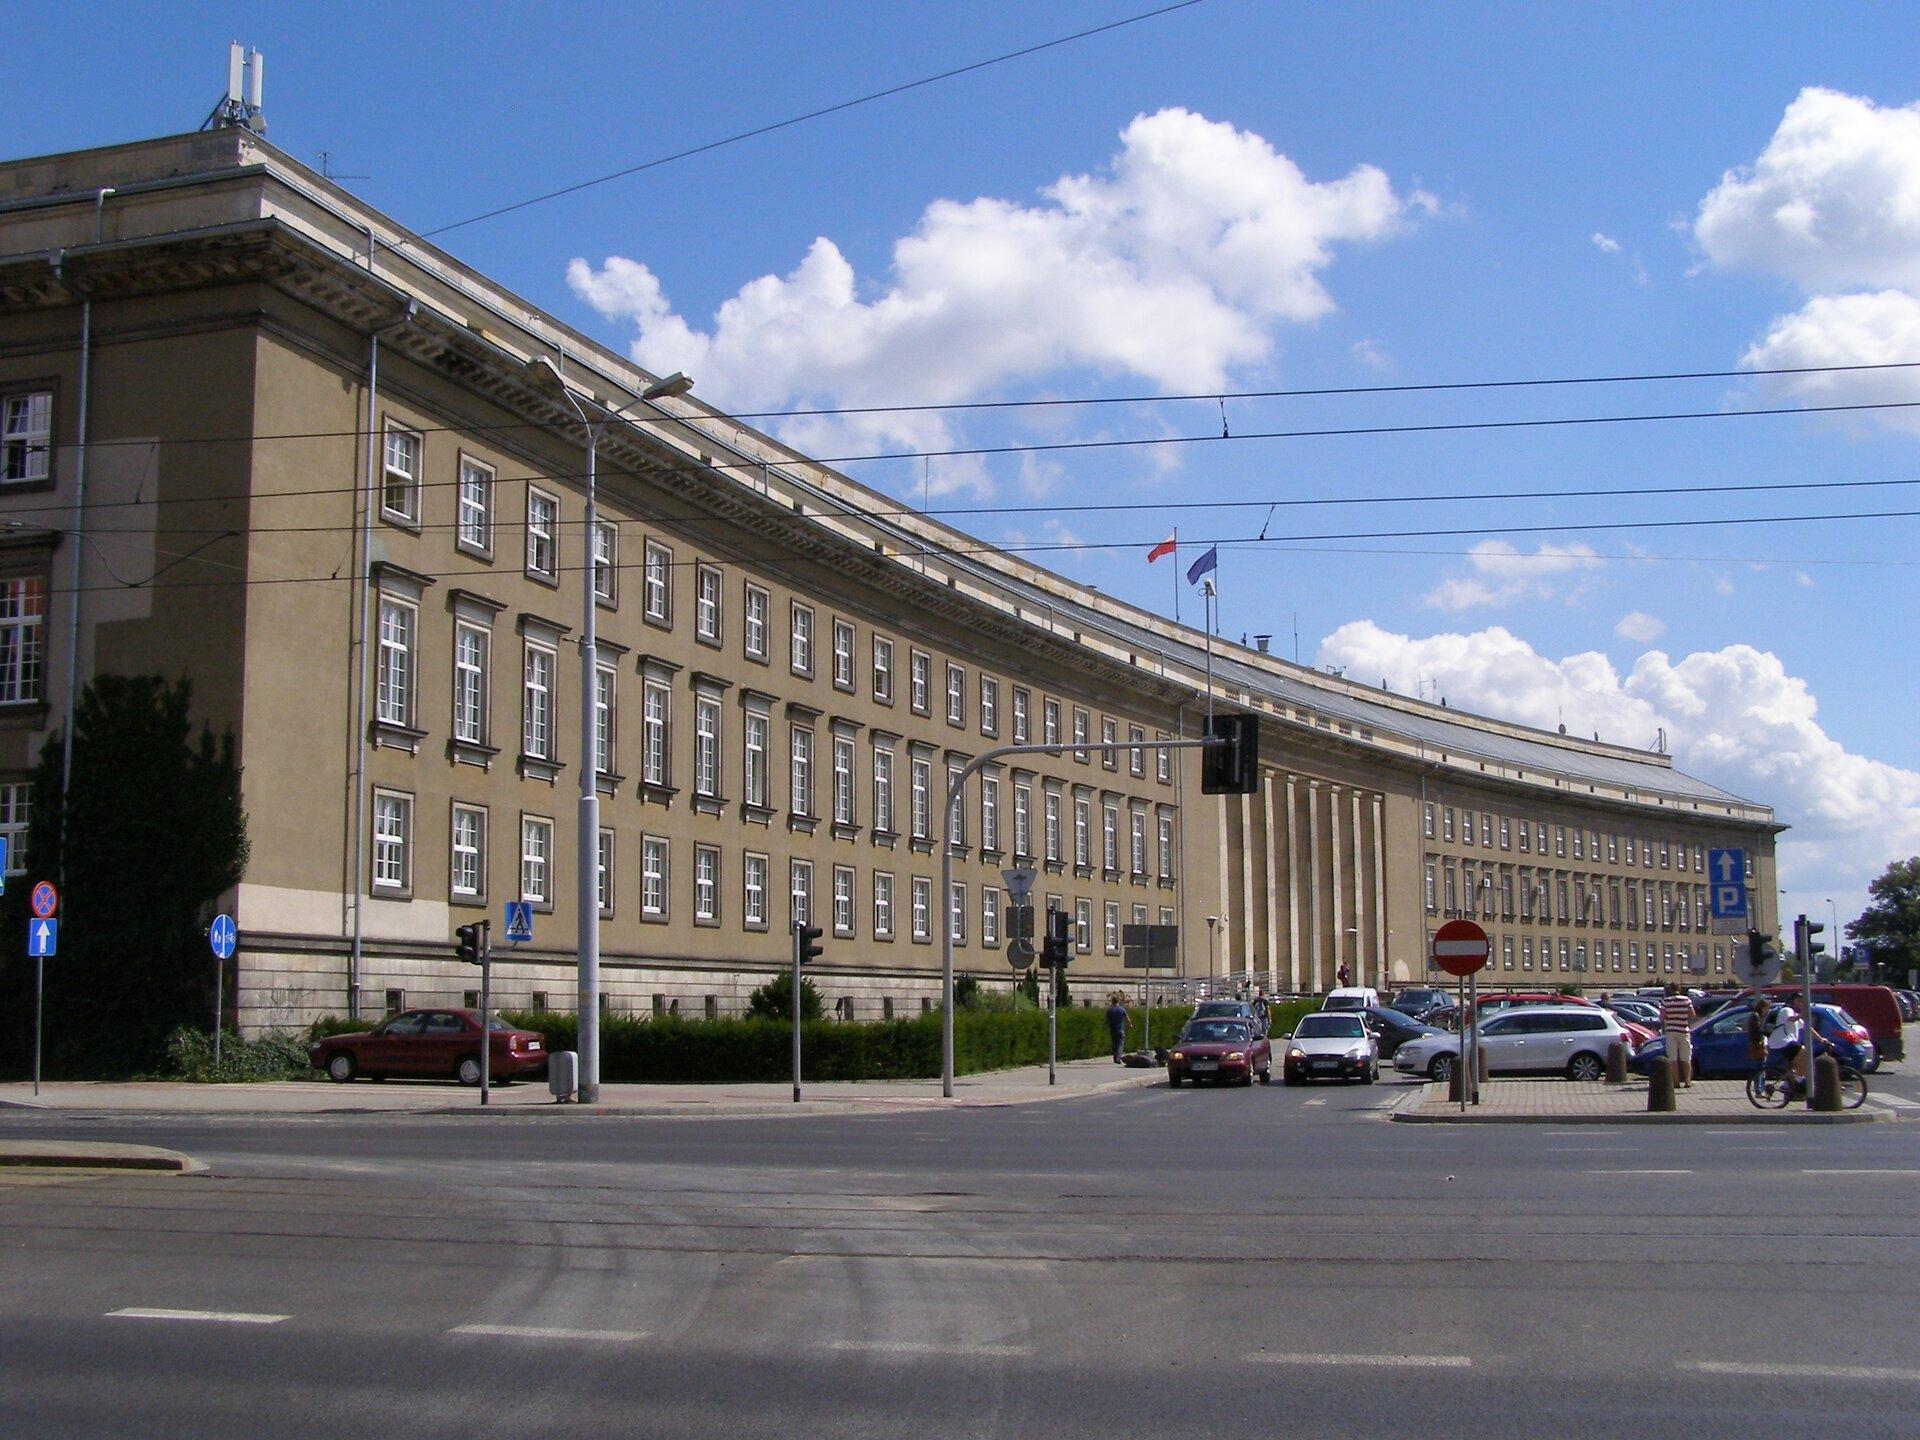 Urząd Wojewódzki we Wrocławiu Urząd Wojewódzki we Wrocławiu Źródło: Andrzej Otrębski, licencja: CC BY-SA 3.0.